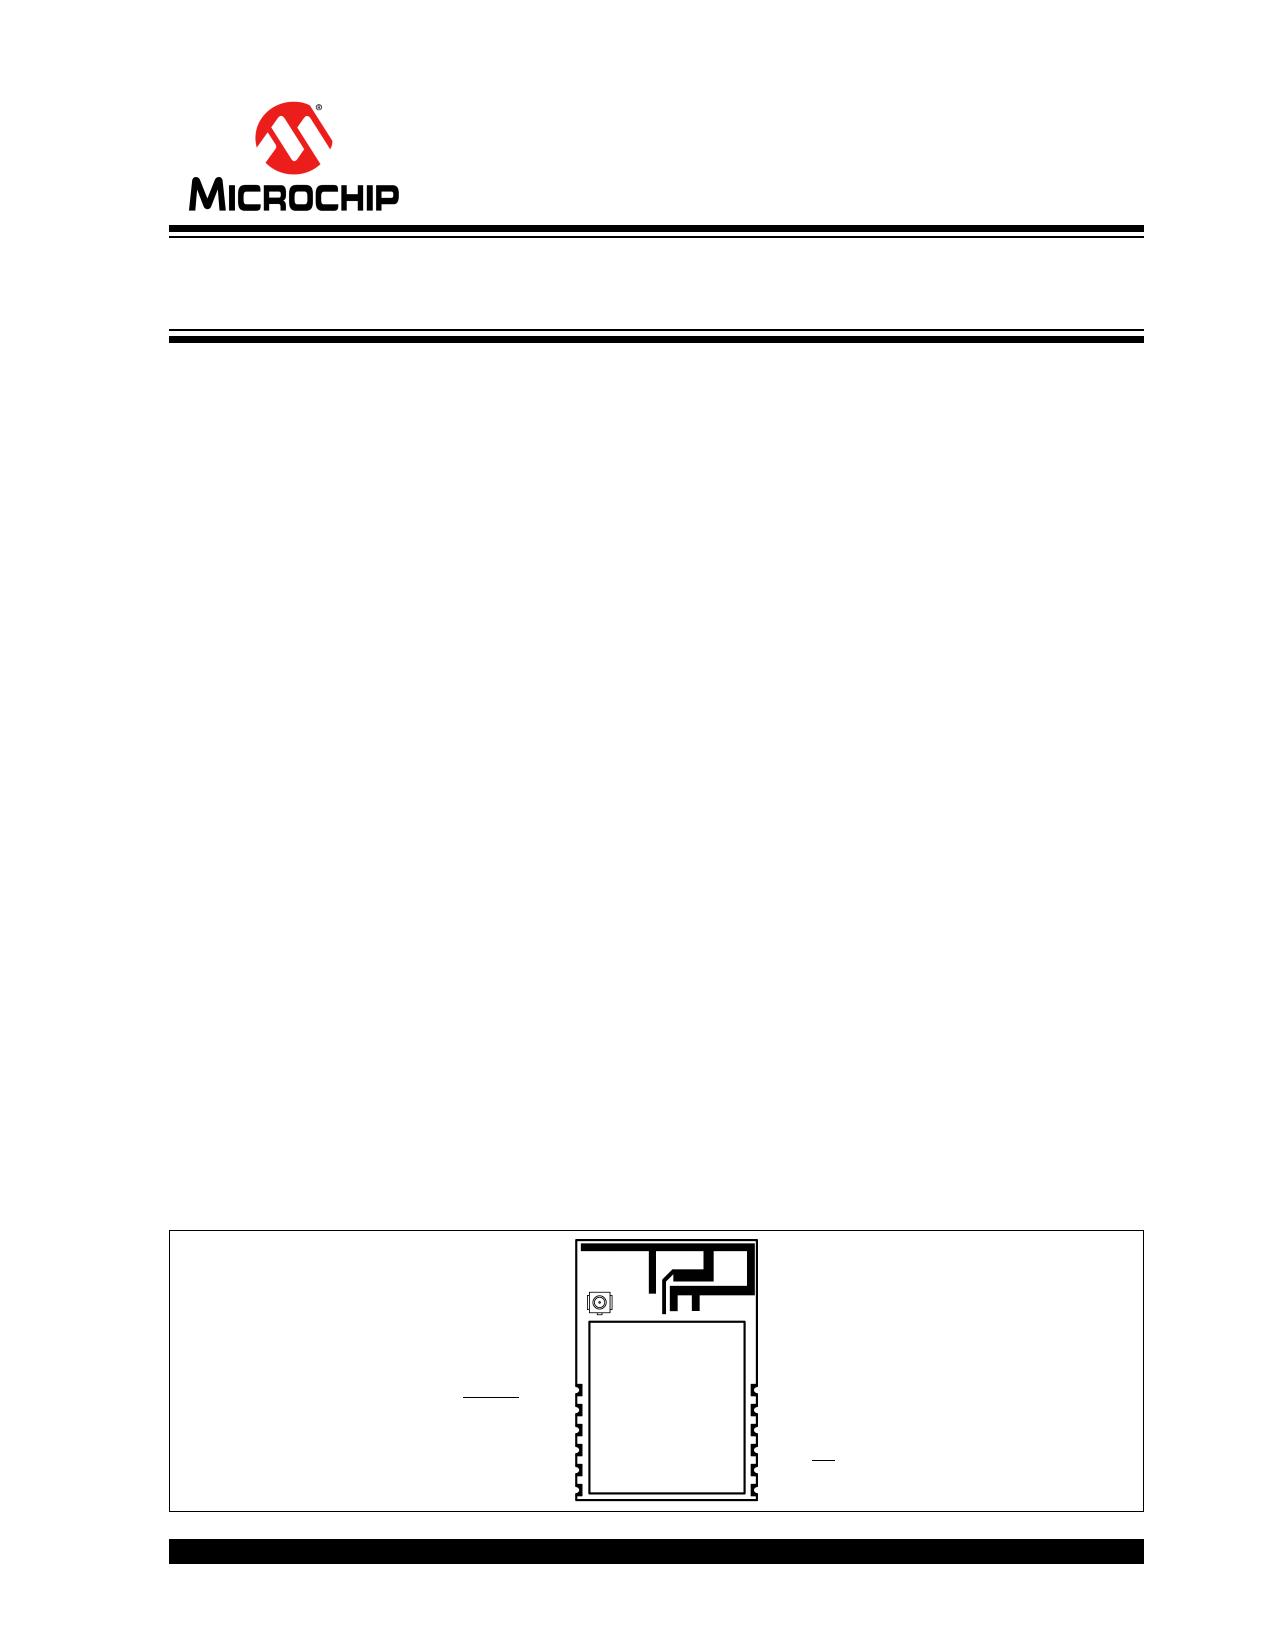 mrf24j40md datasheet pdf   pinout